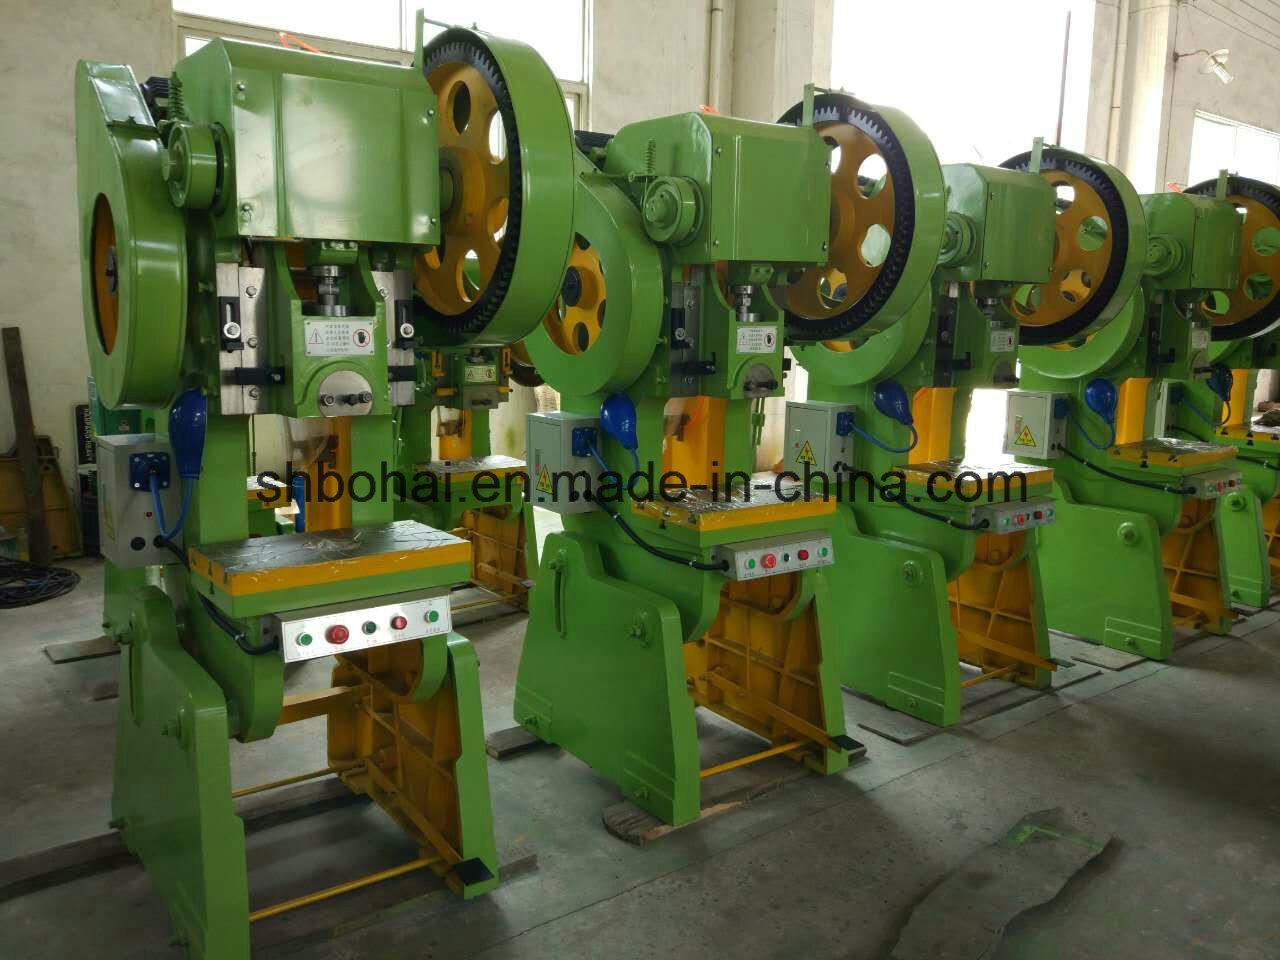 Jb23 Series 100t Power Press Machine Wih Mechanical Drive (J23-100T)